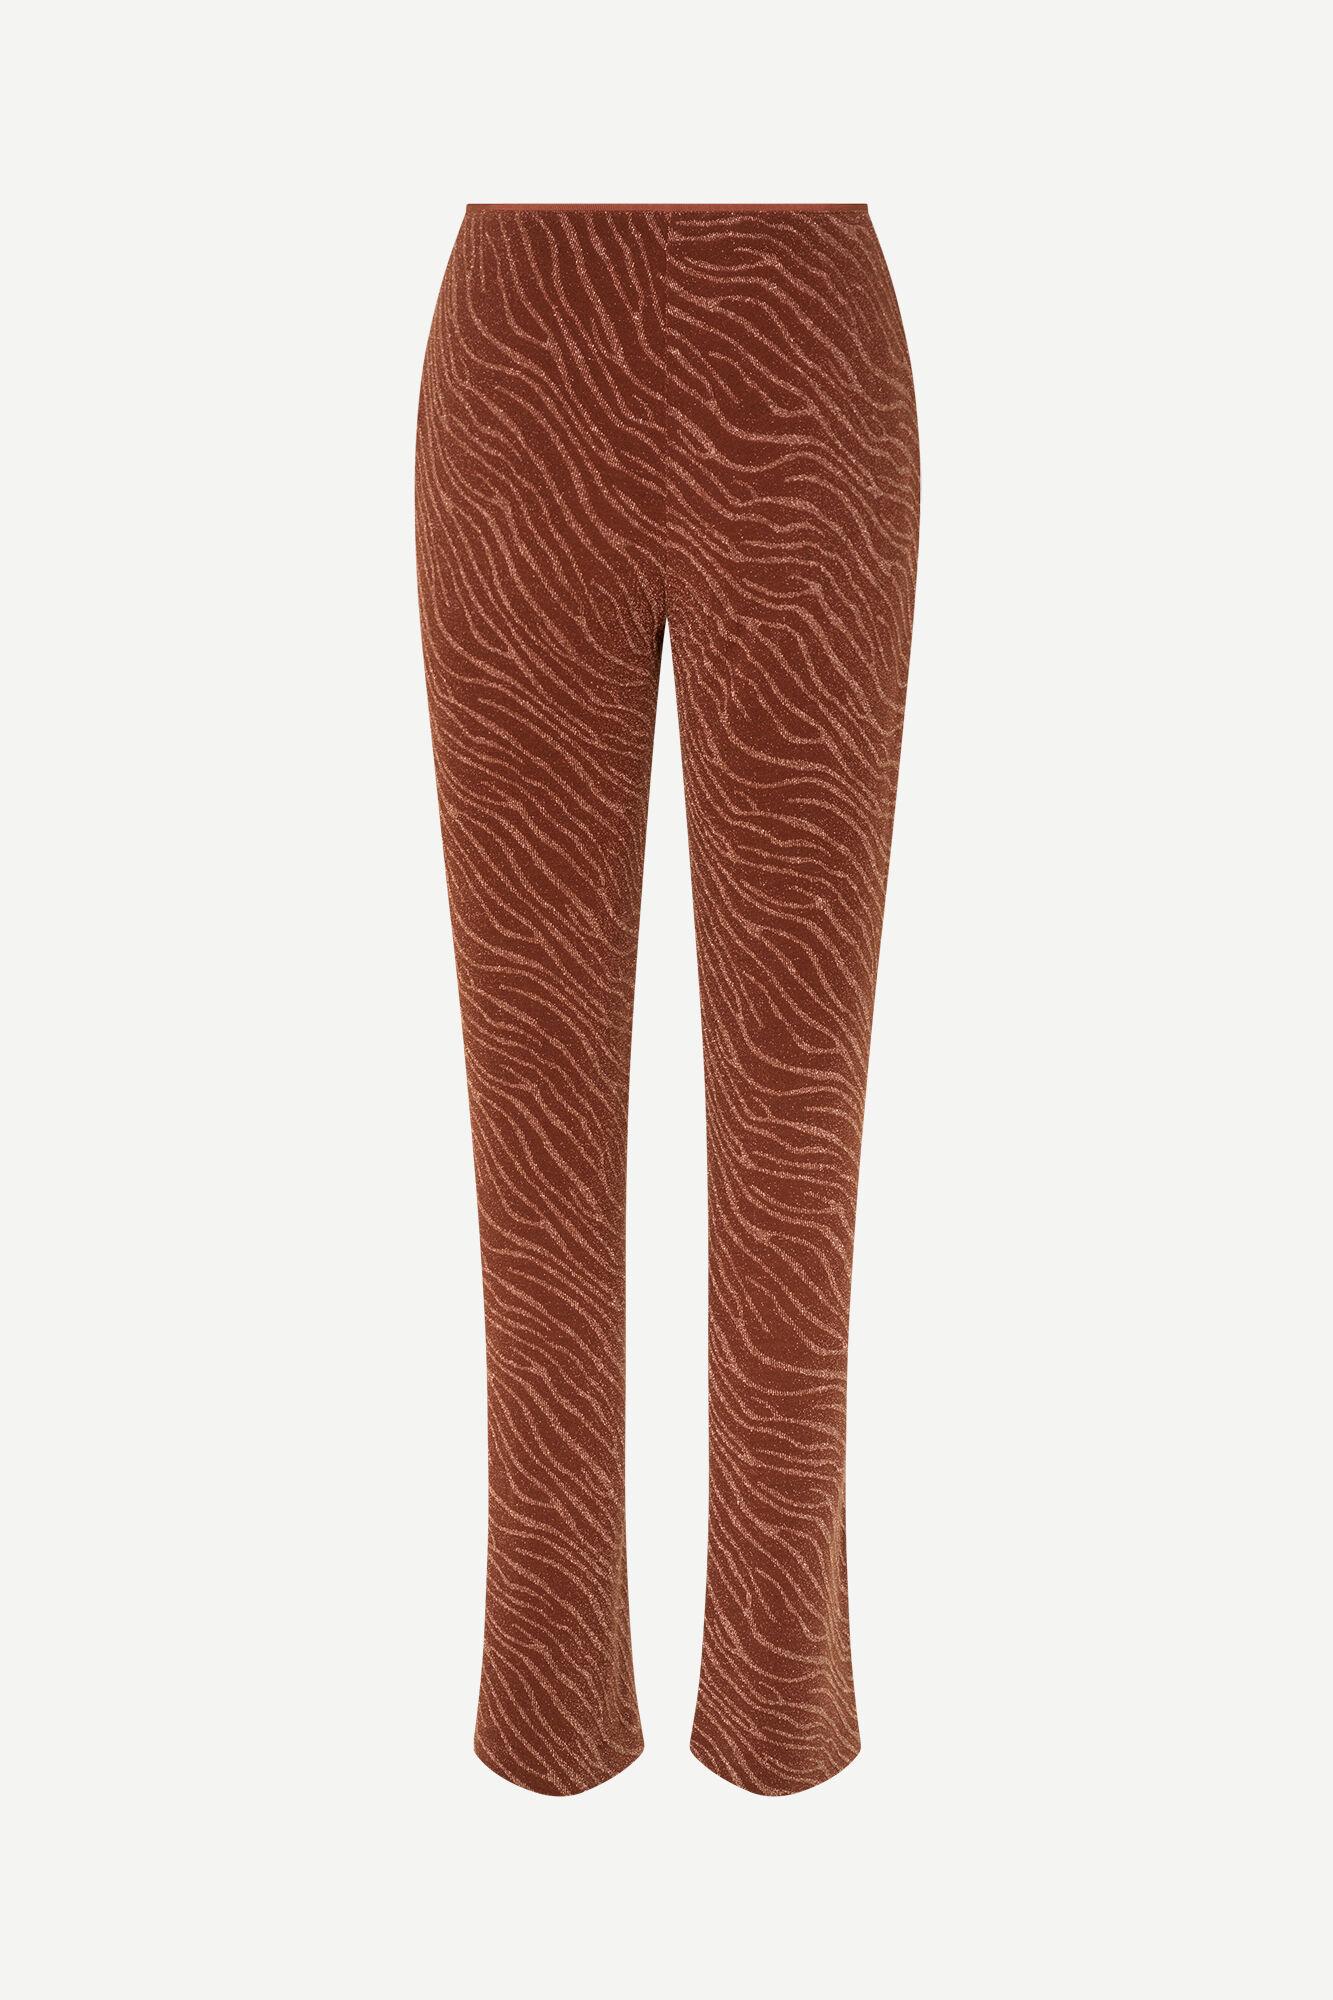 Camoua trousers 12821, STRATA